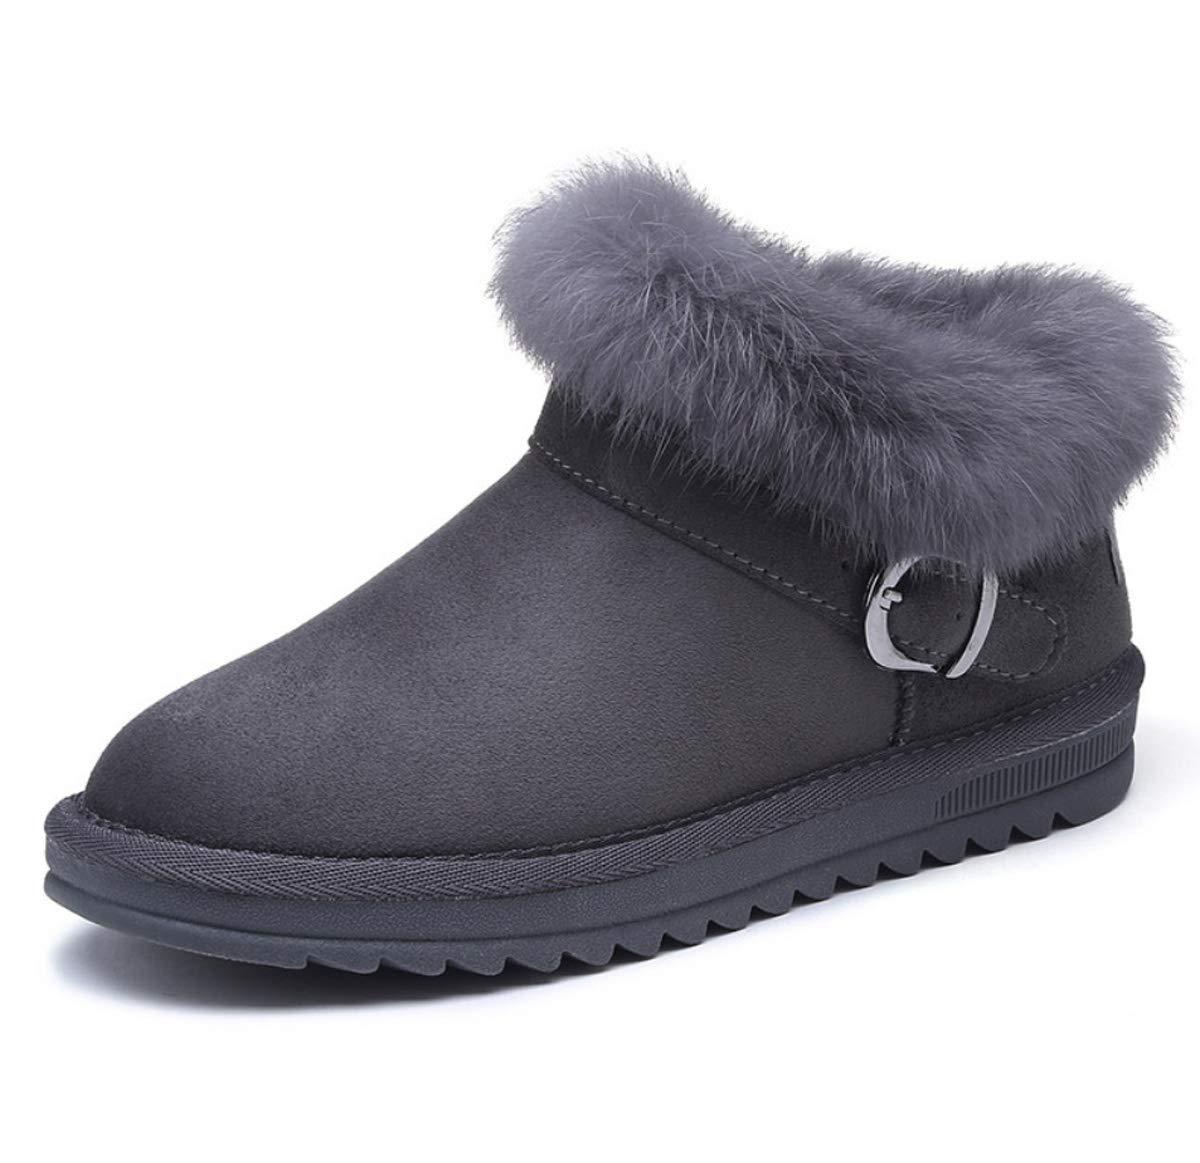 DANDANJIE Damenschuhe Stiefel mit Niedrig-Top-Flache Ferse Schnalle Snow Stiefel Winter Faux Wildleder Slip On Ankle Stiefel